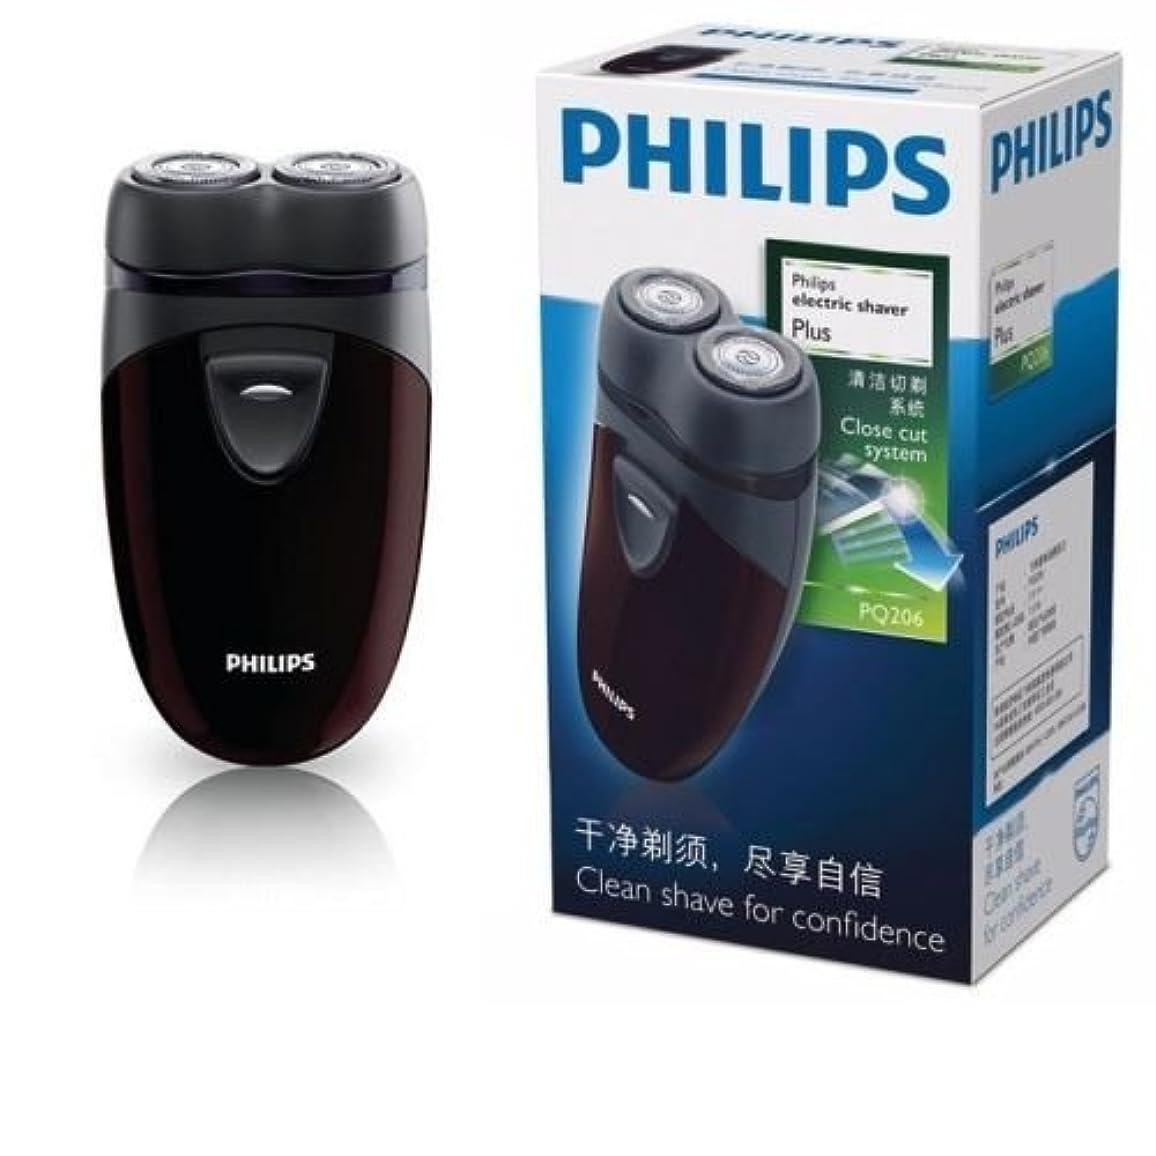 レンズ具体的に礼拝Philips PQ206 電気シェーバーのバッテリーは持ち運びに便利パワード [並行輸入品]